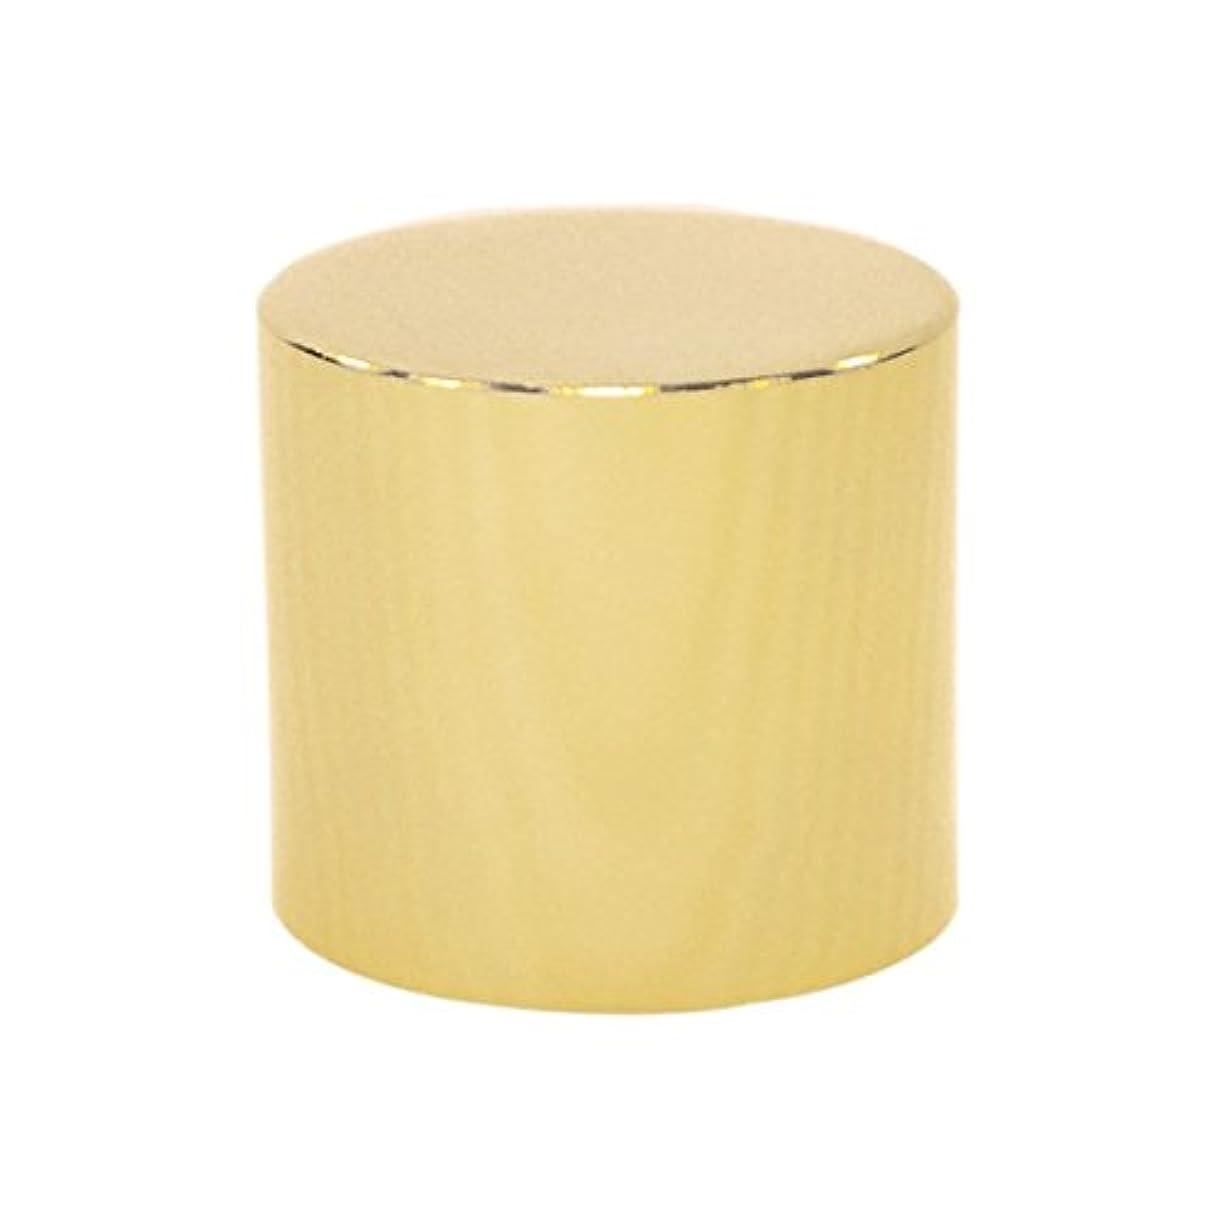 一族柔らかさタブレットランプベルジェ(LAMPE BERGER)消火キャップ【正規輸入品】密閉蓋ゴールド